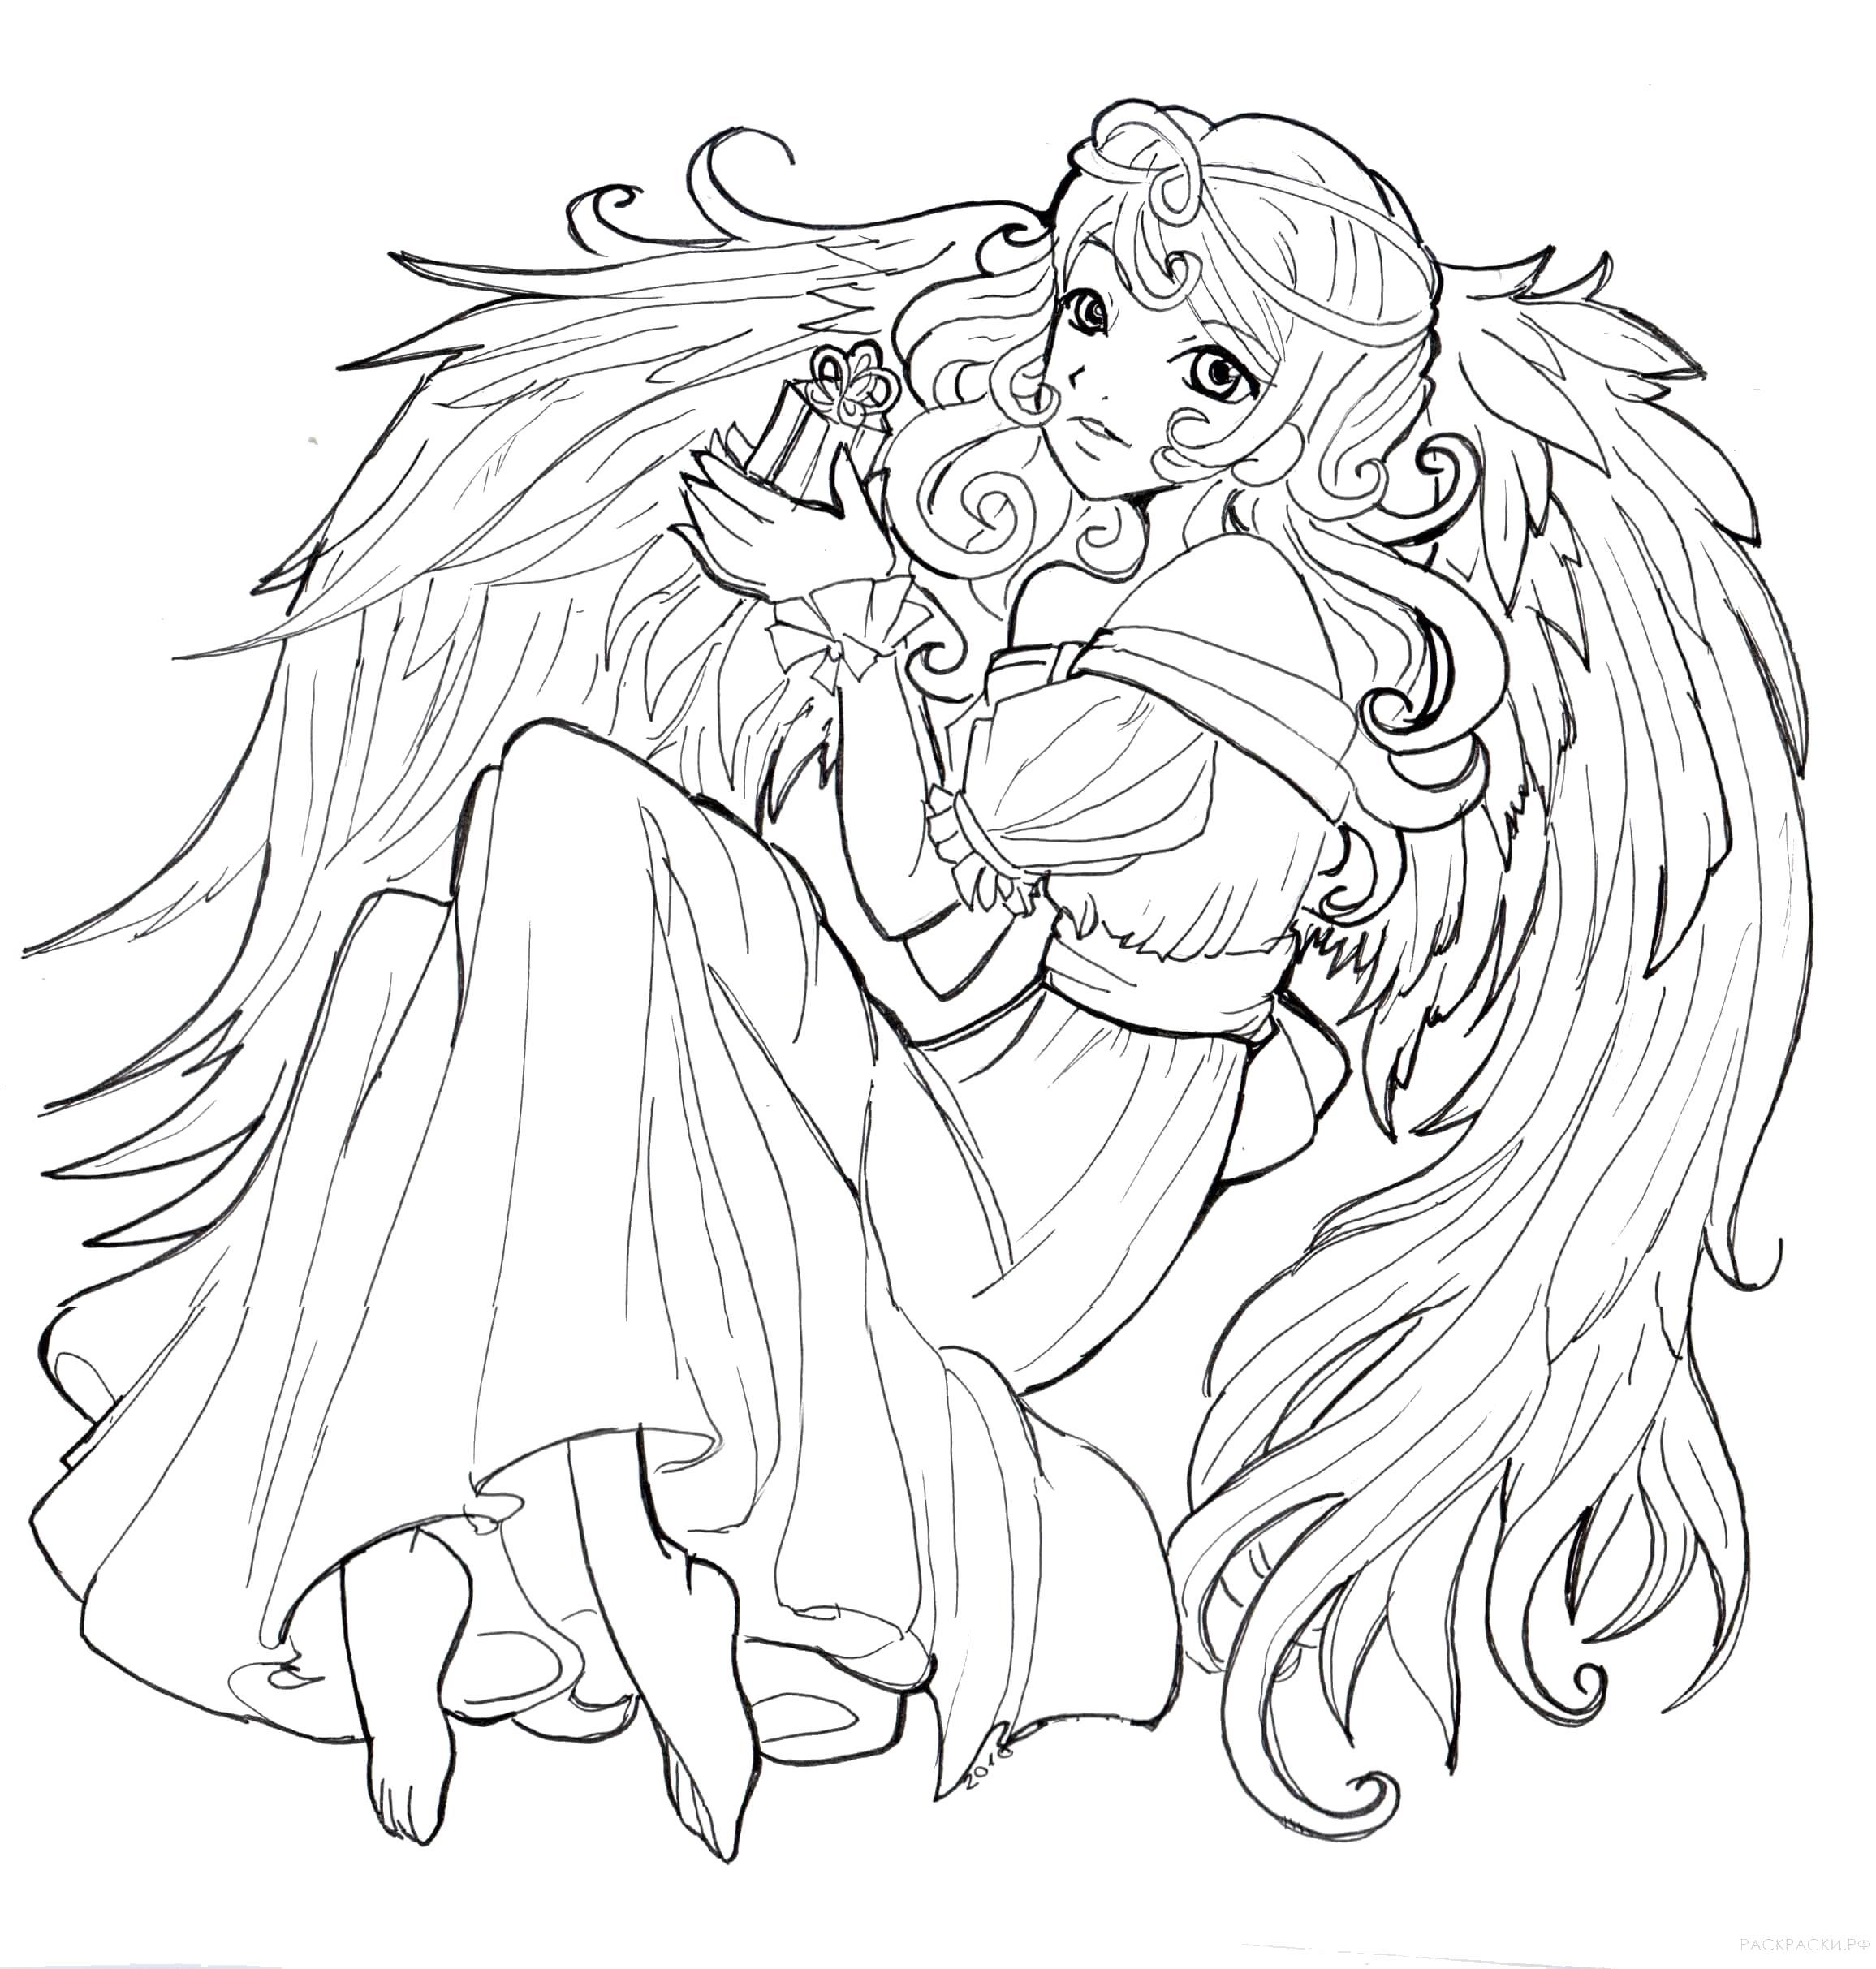 Раскраска  Аниме Ангел с крыльями. Скачать ангел.  Распечатать ангел